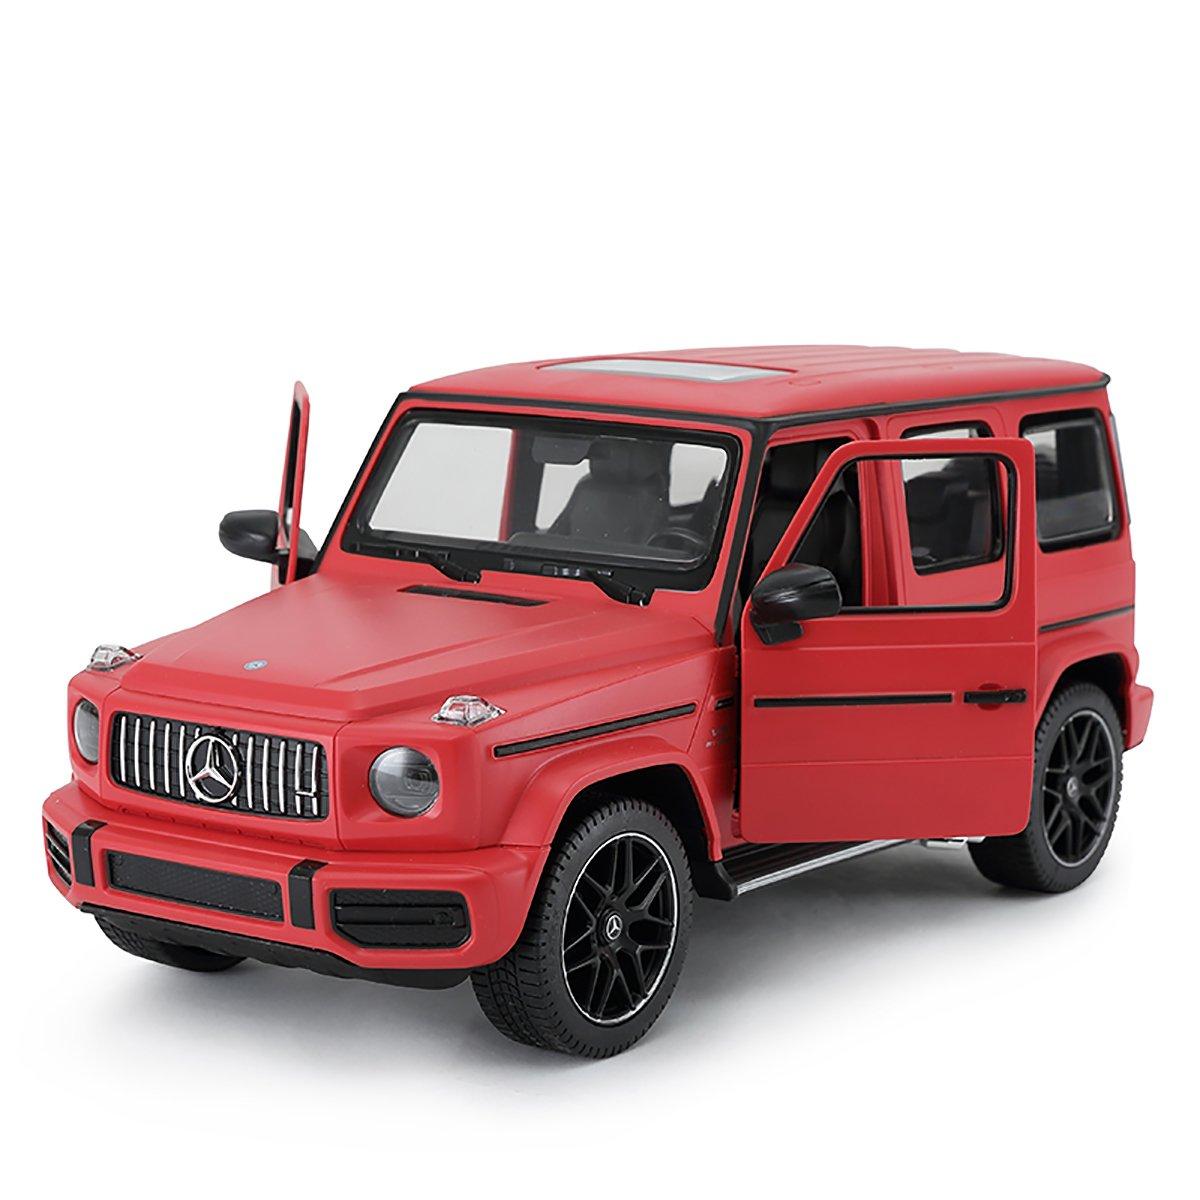 Masinuta cu telecomanda Rastar Mercedes-Benz G63 AMG, Rosu, 1:14